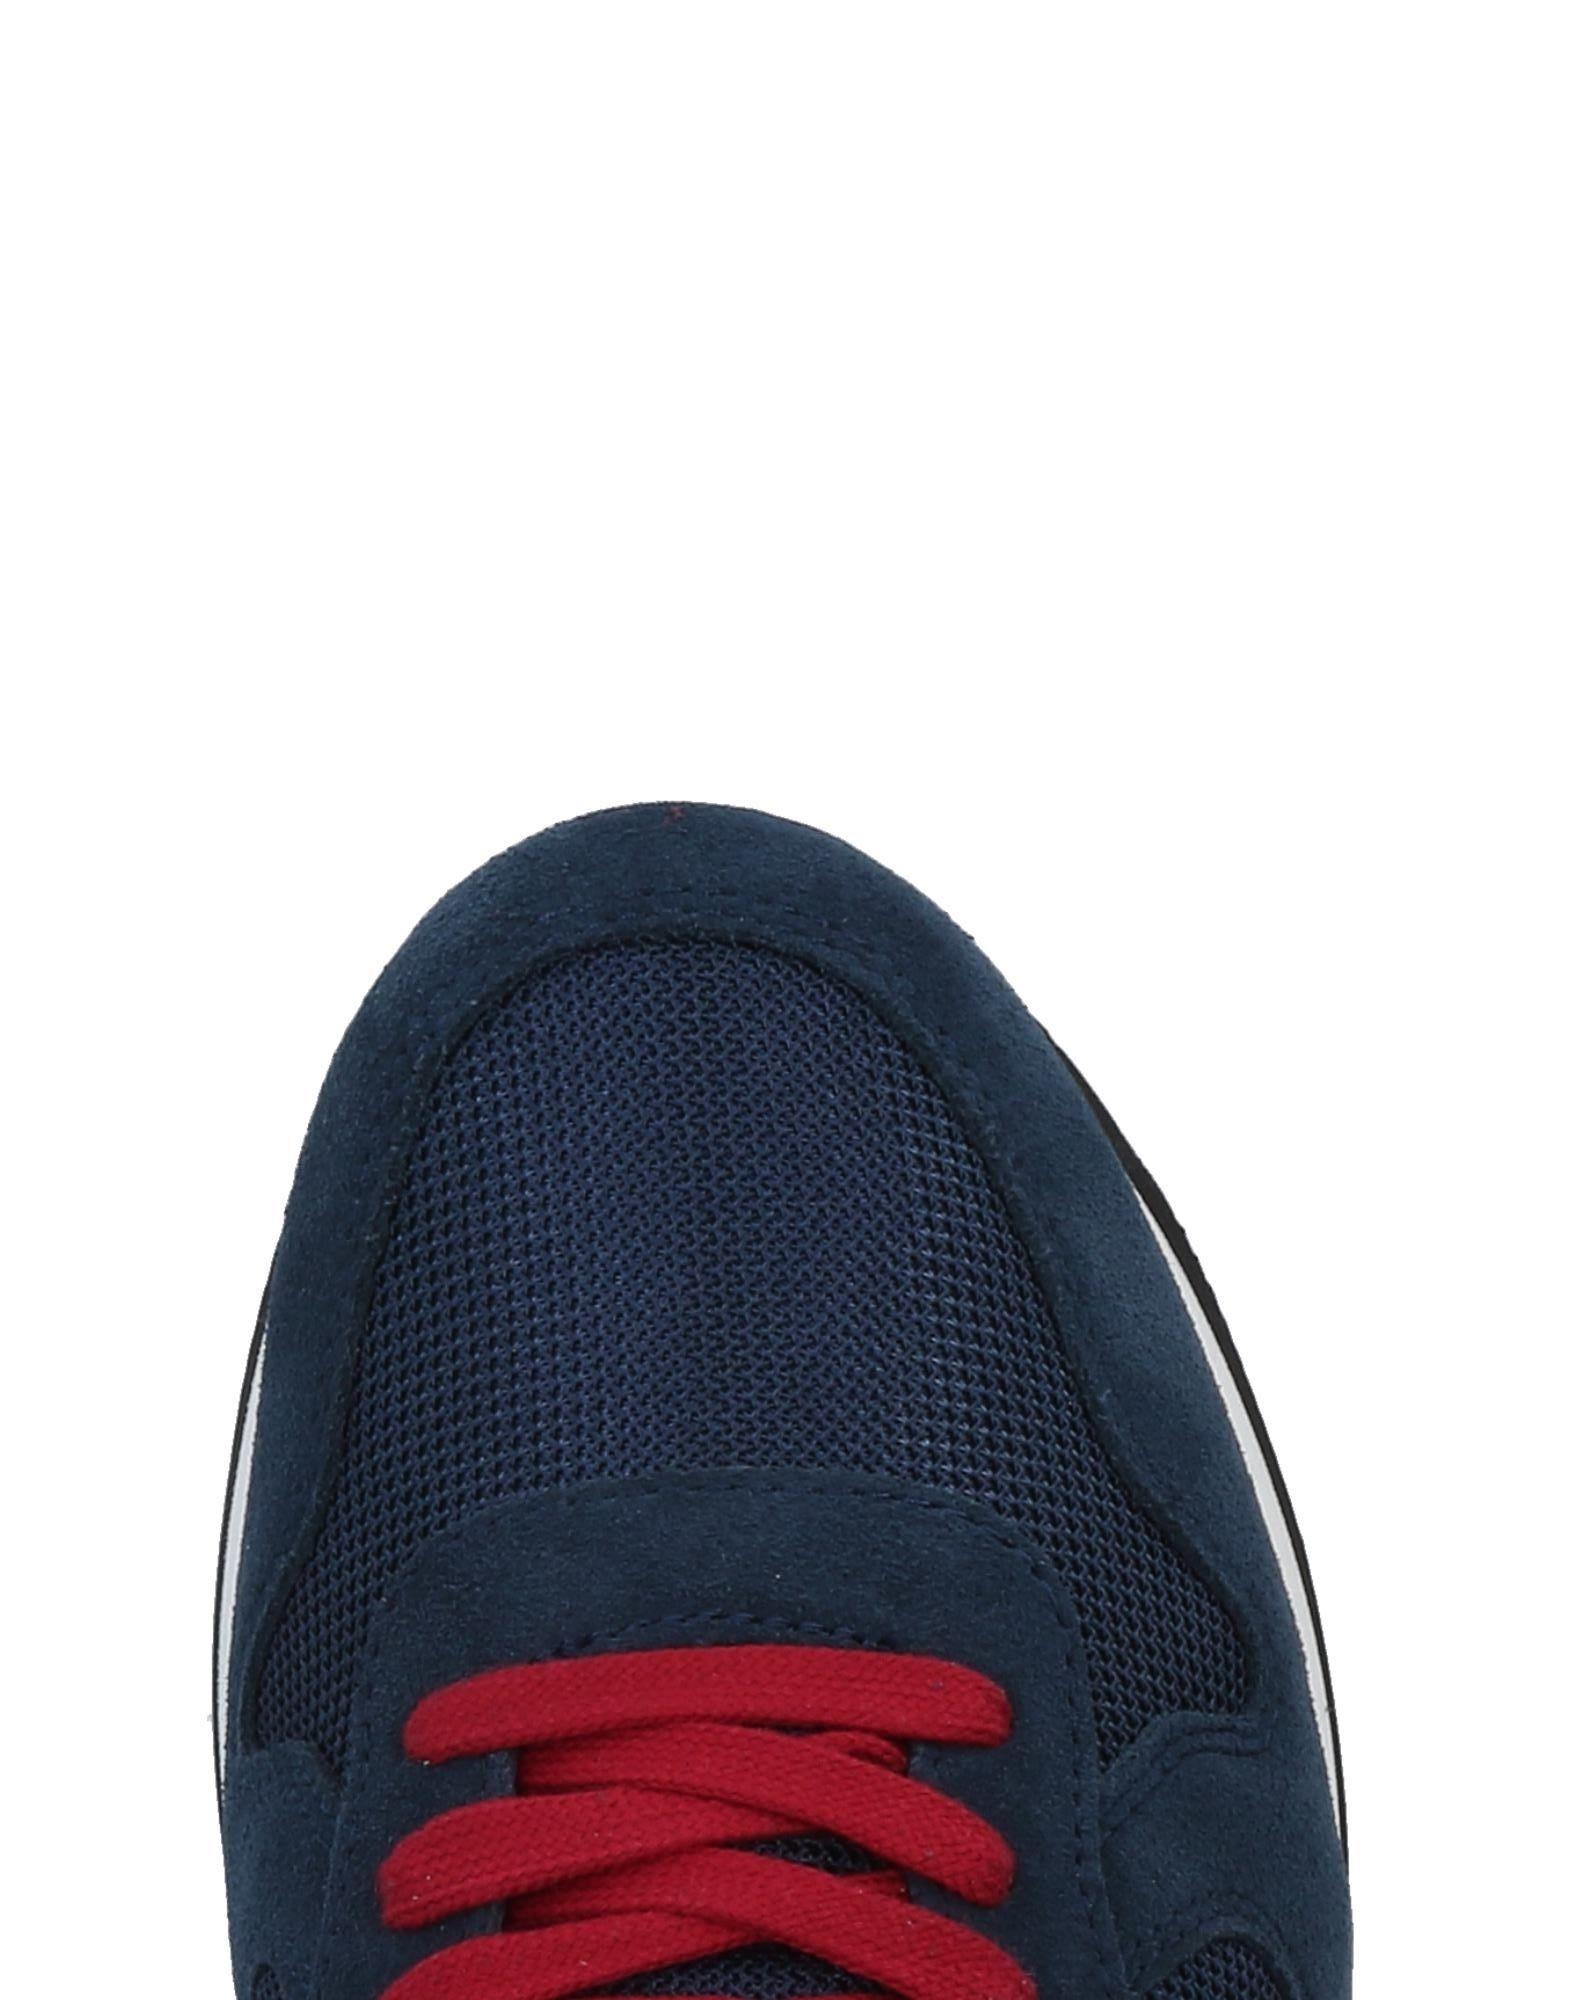 Geox Sneakers Herren Heiße  11427290US Heiße Herren Schuhe d78d67